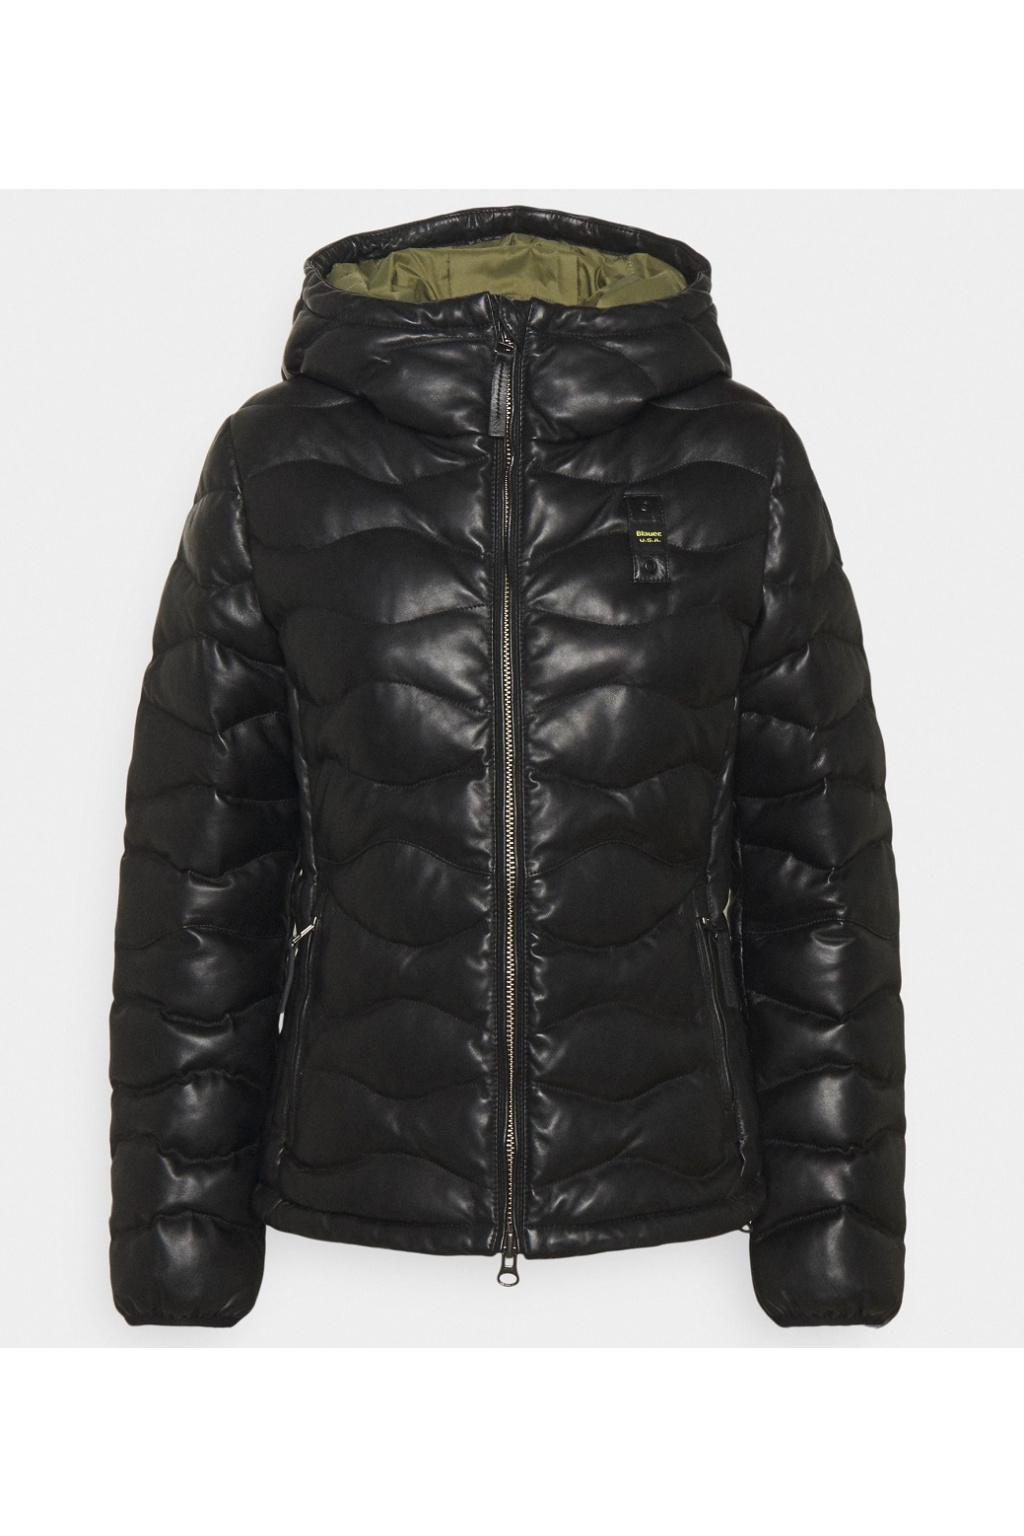 Dámská kožená bunda Blauer černá